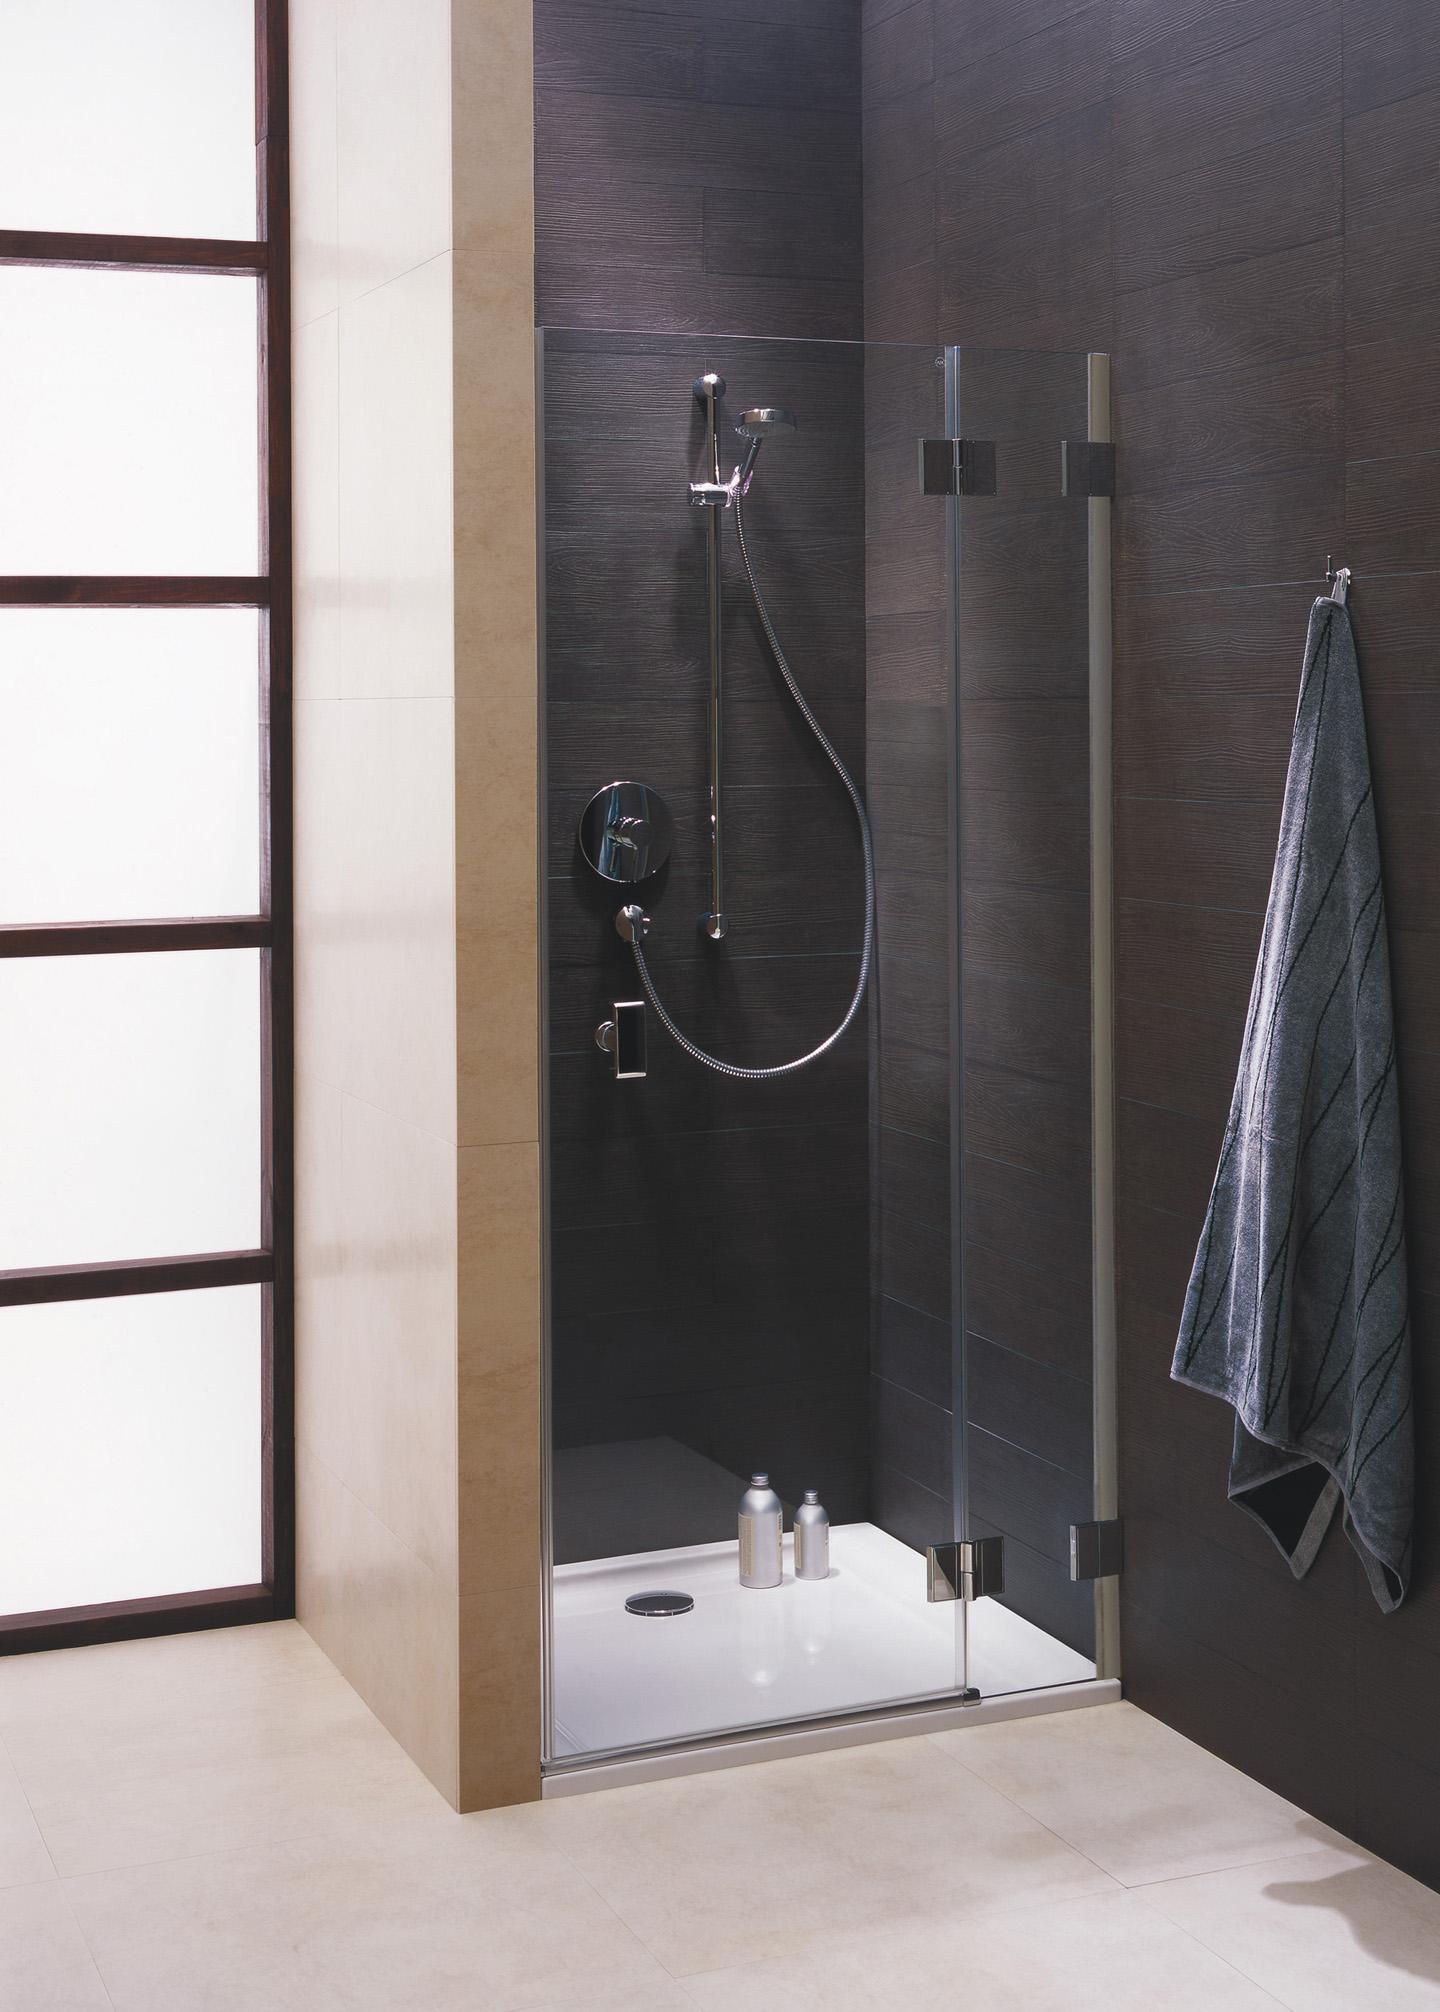 sprchové kouty KOLO NIVEN FDRF80222003L dveře do niky 80cm